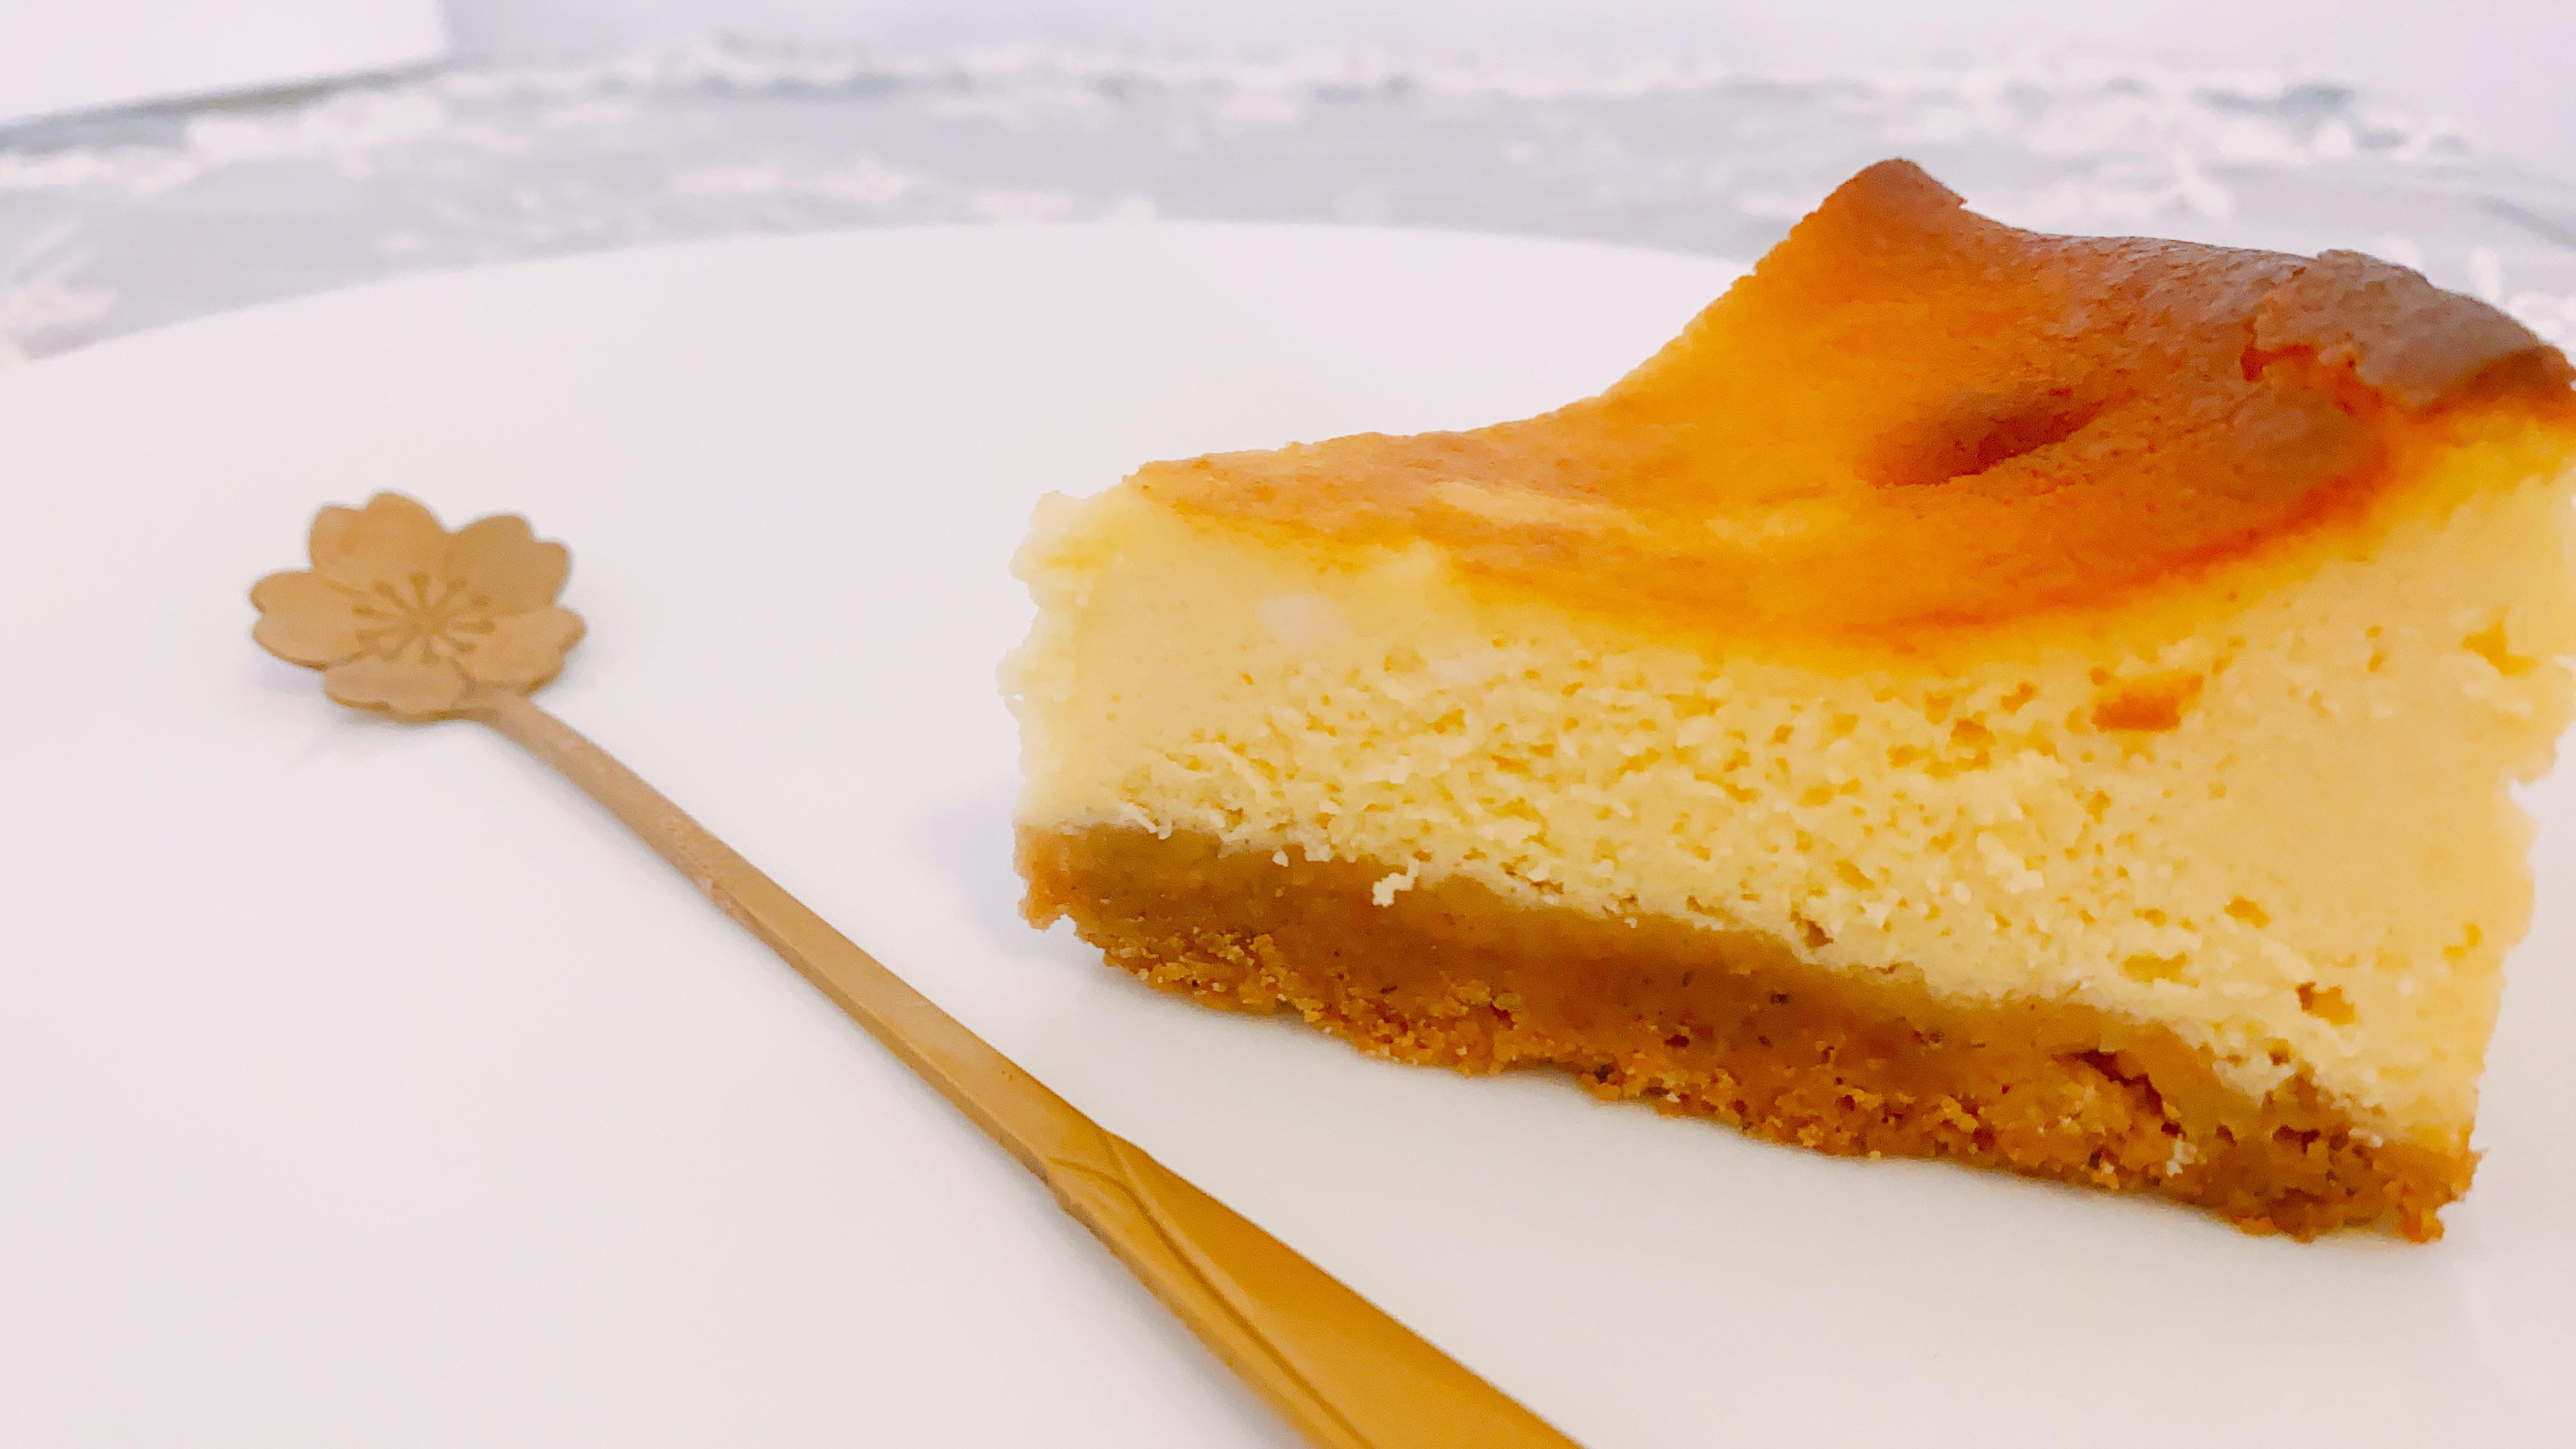 【9巷5弄】重乳酪蛋糕 (紐約起司蛋糕)